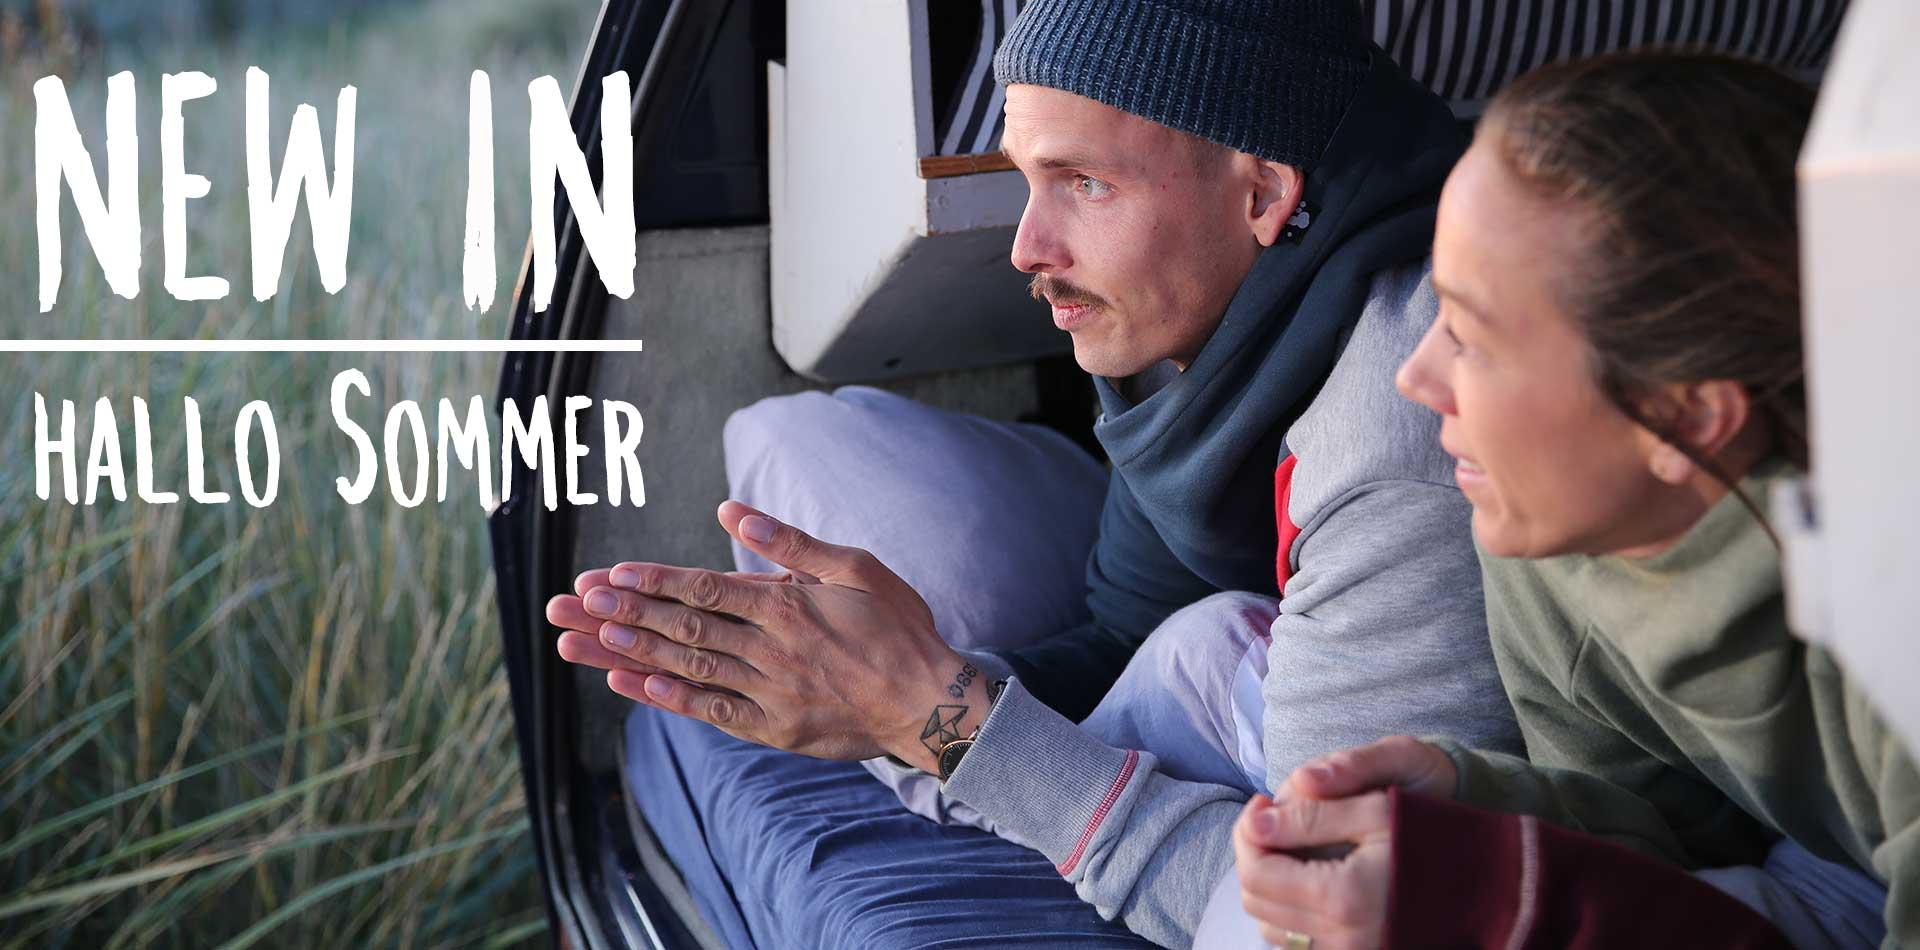 NEW IN_ Sommer_2020_ SWLK